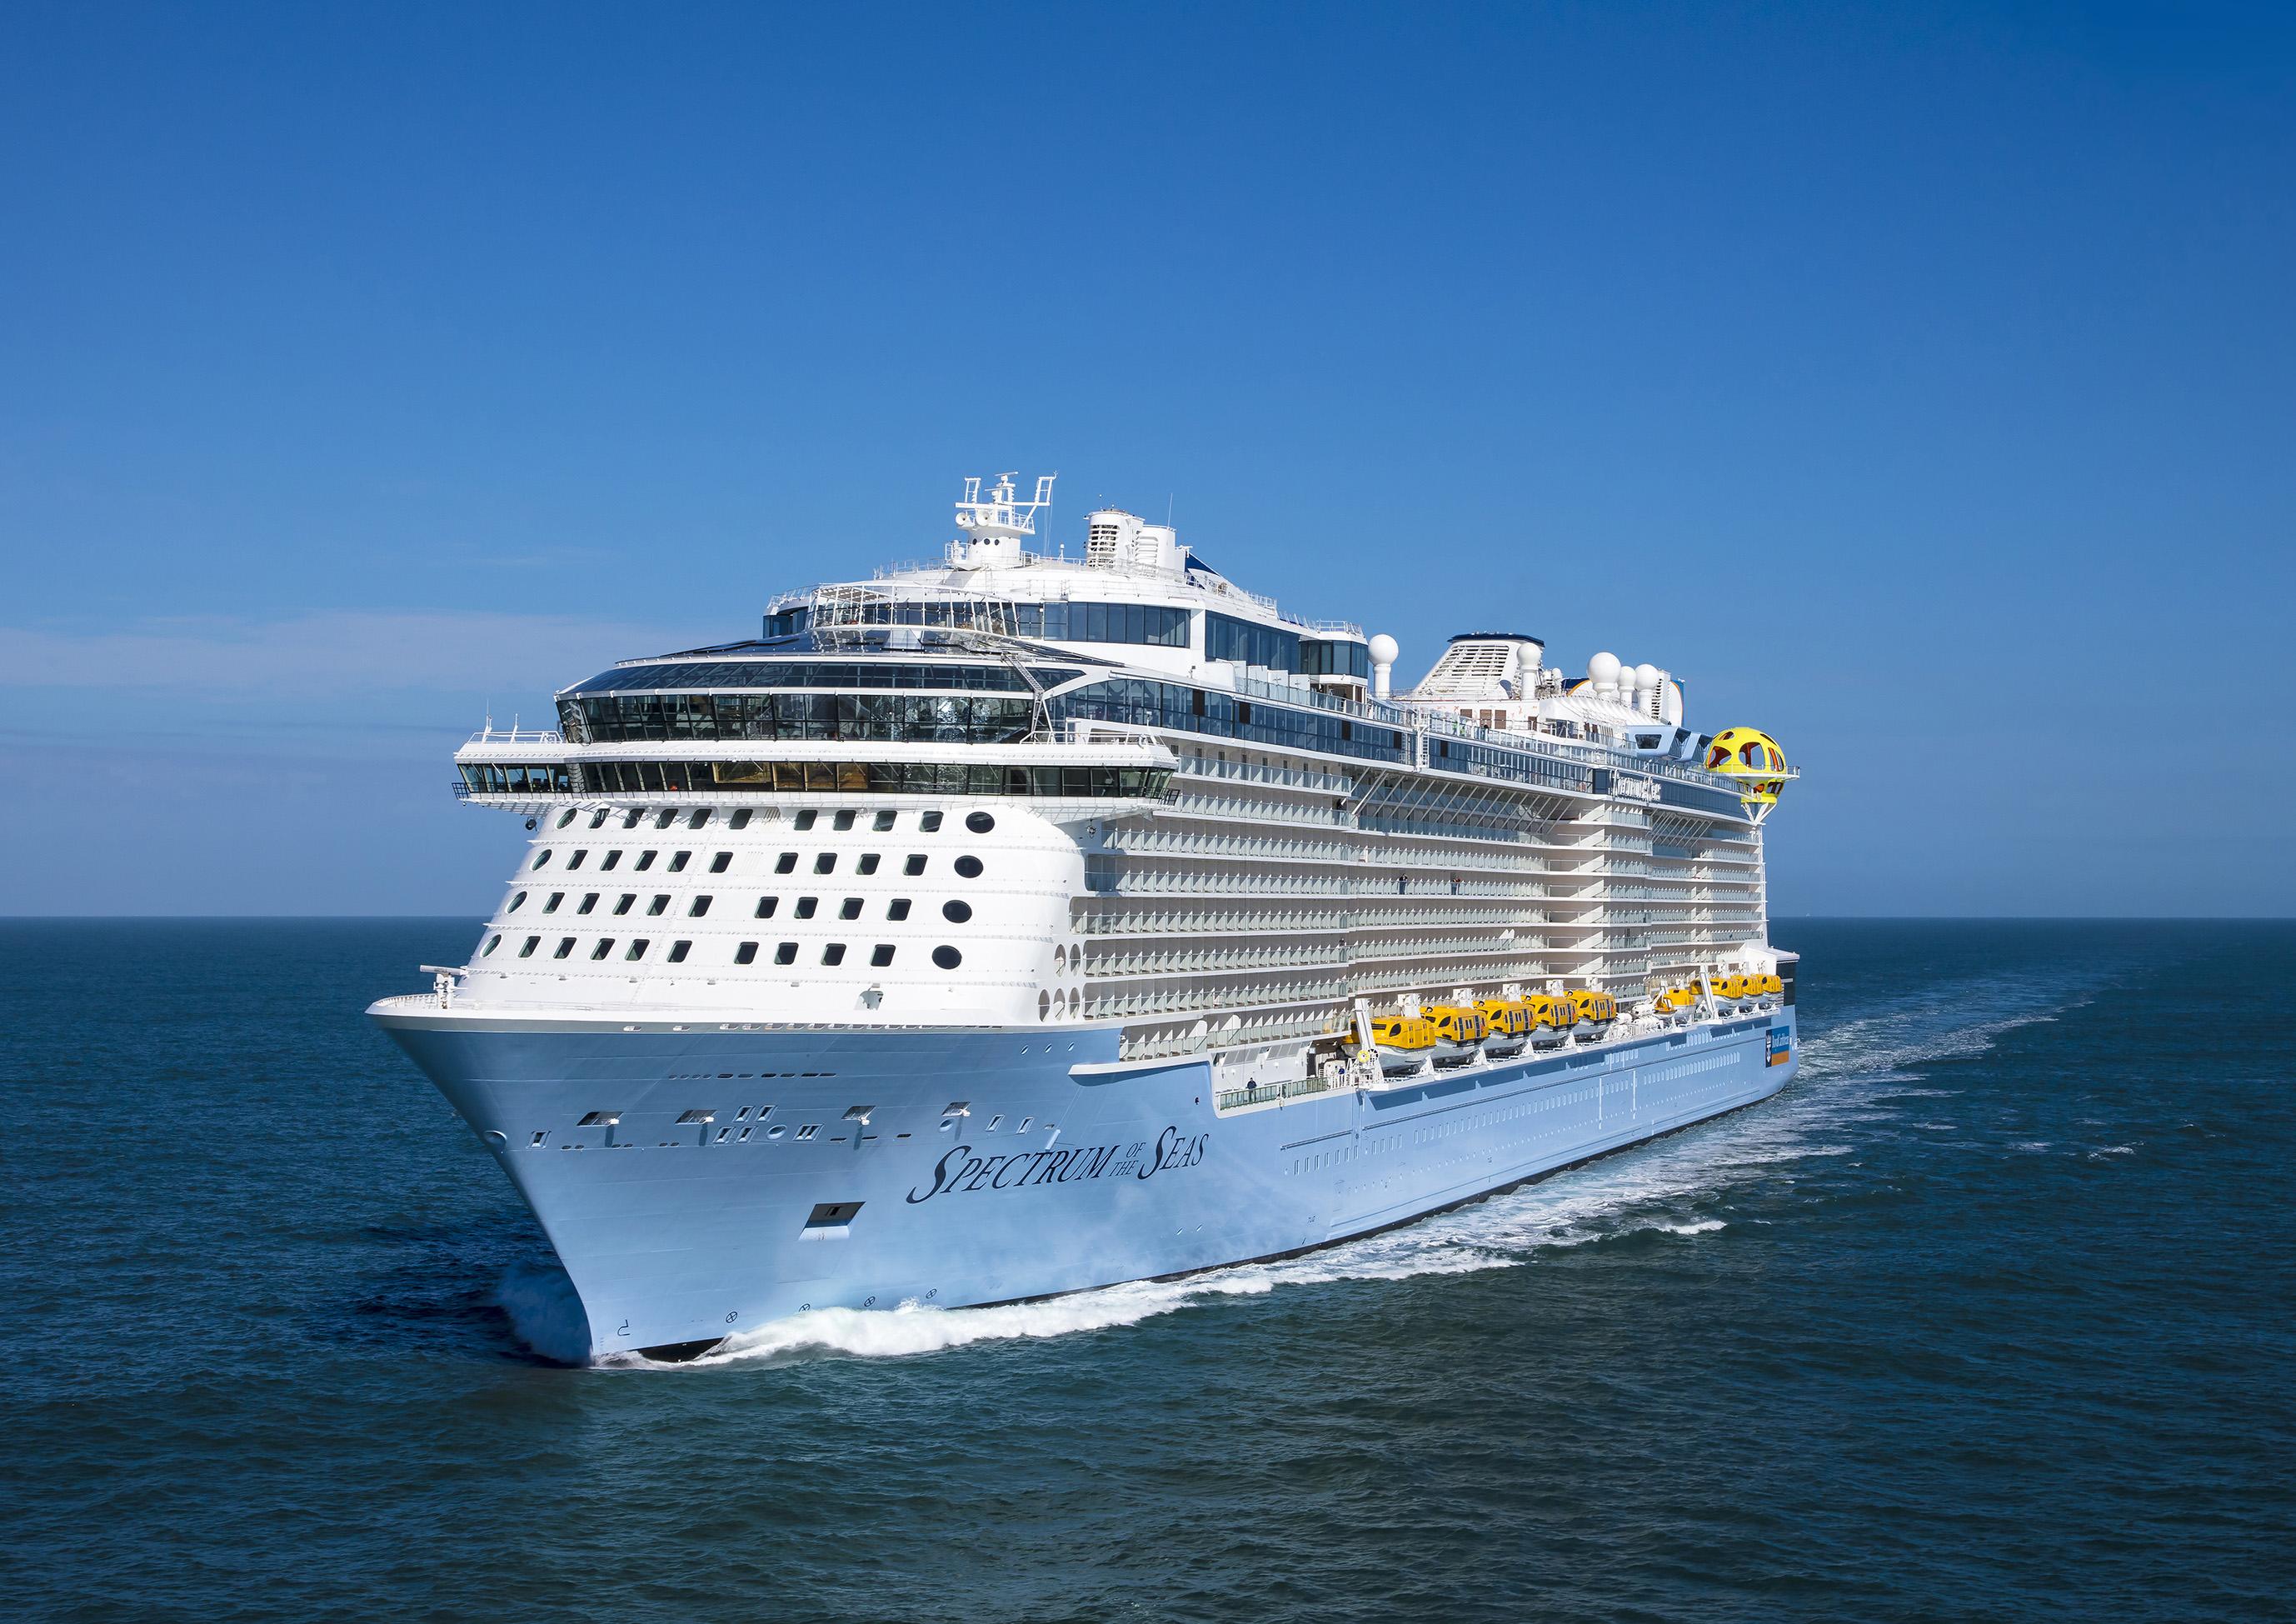 Royal Caribbean International hat bei der Meyer Werft Turku einen dritten LNG-Liner der Icon-Klasse bestellt, der 2025 in Dienst gestellt werden soll